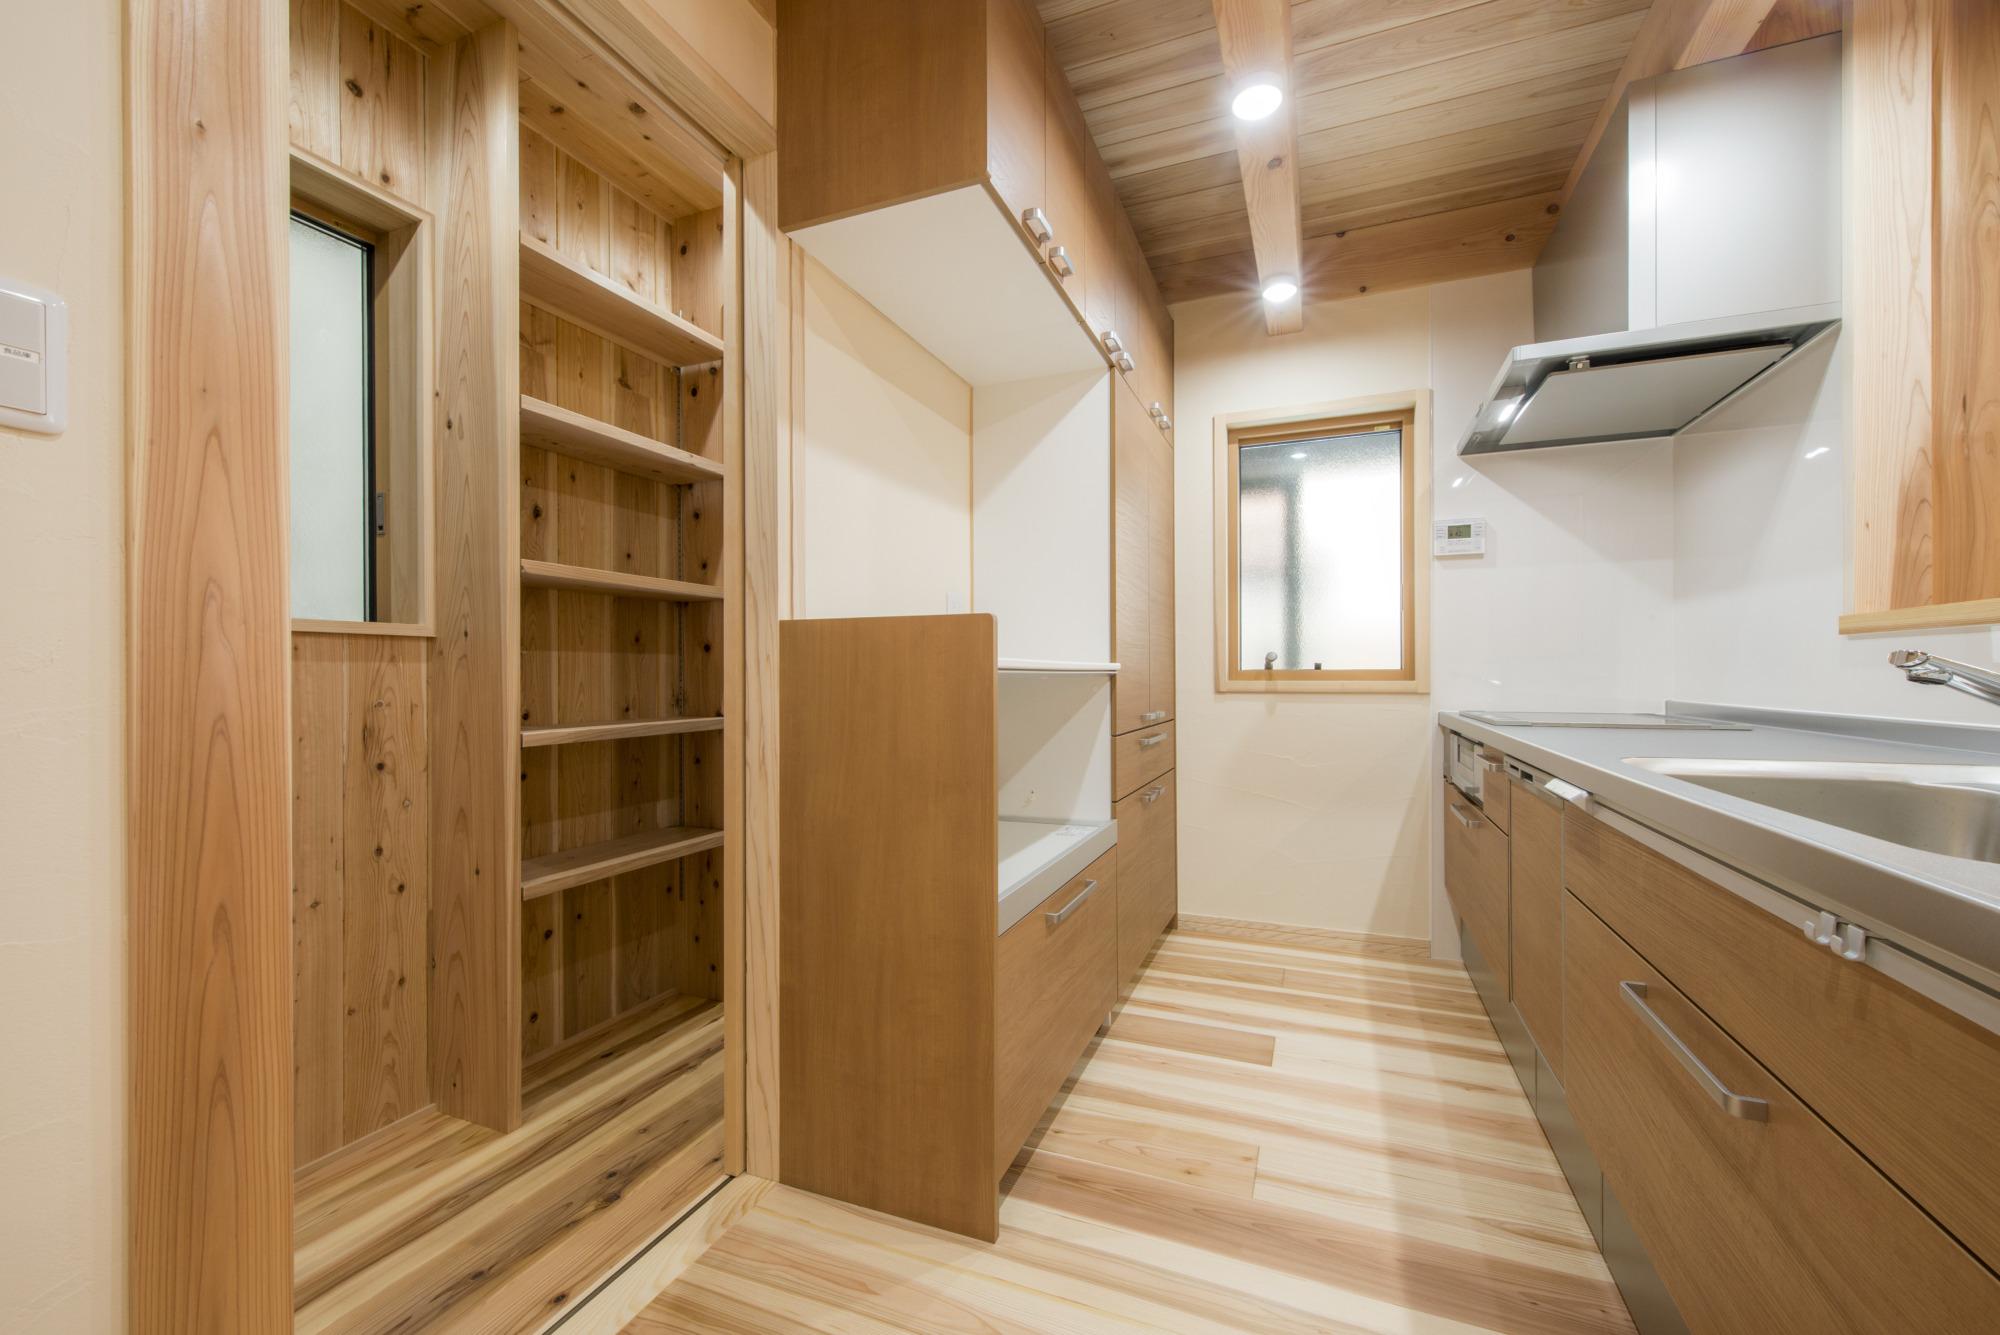 「大容量の収納確保出来る食品庫」広島 リフォーム工務店社長コラム